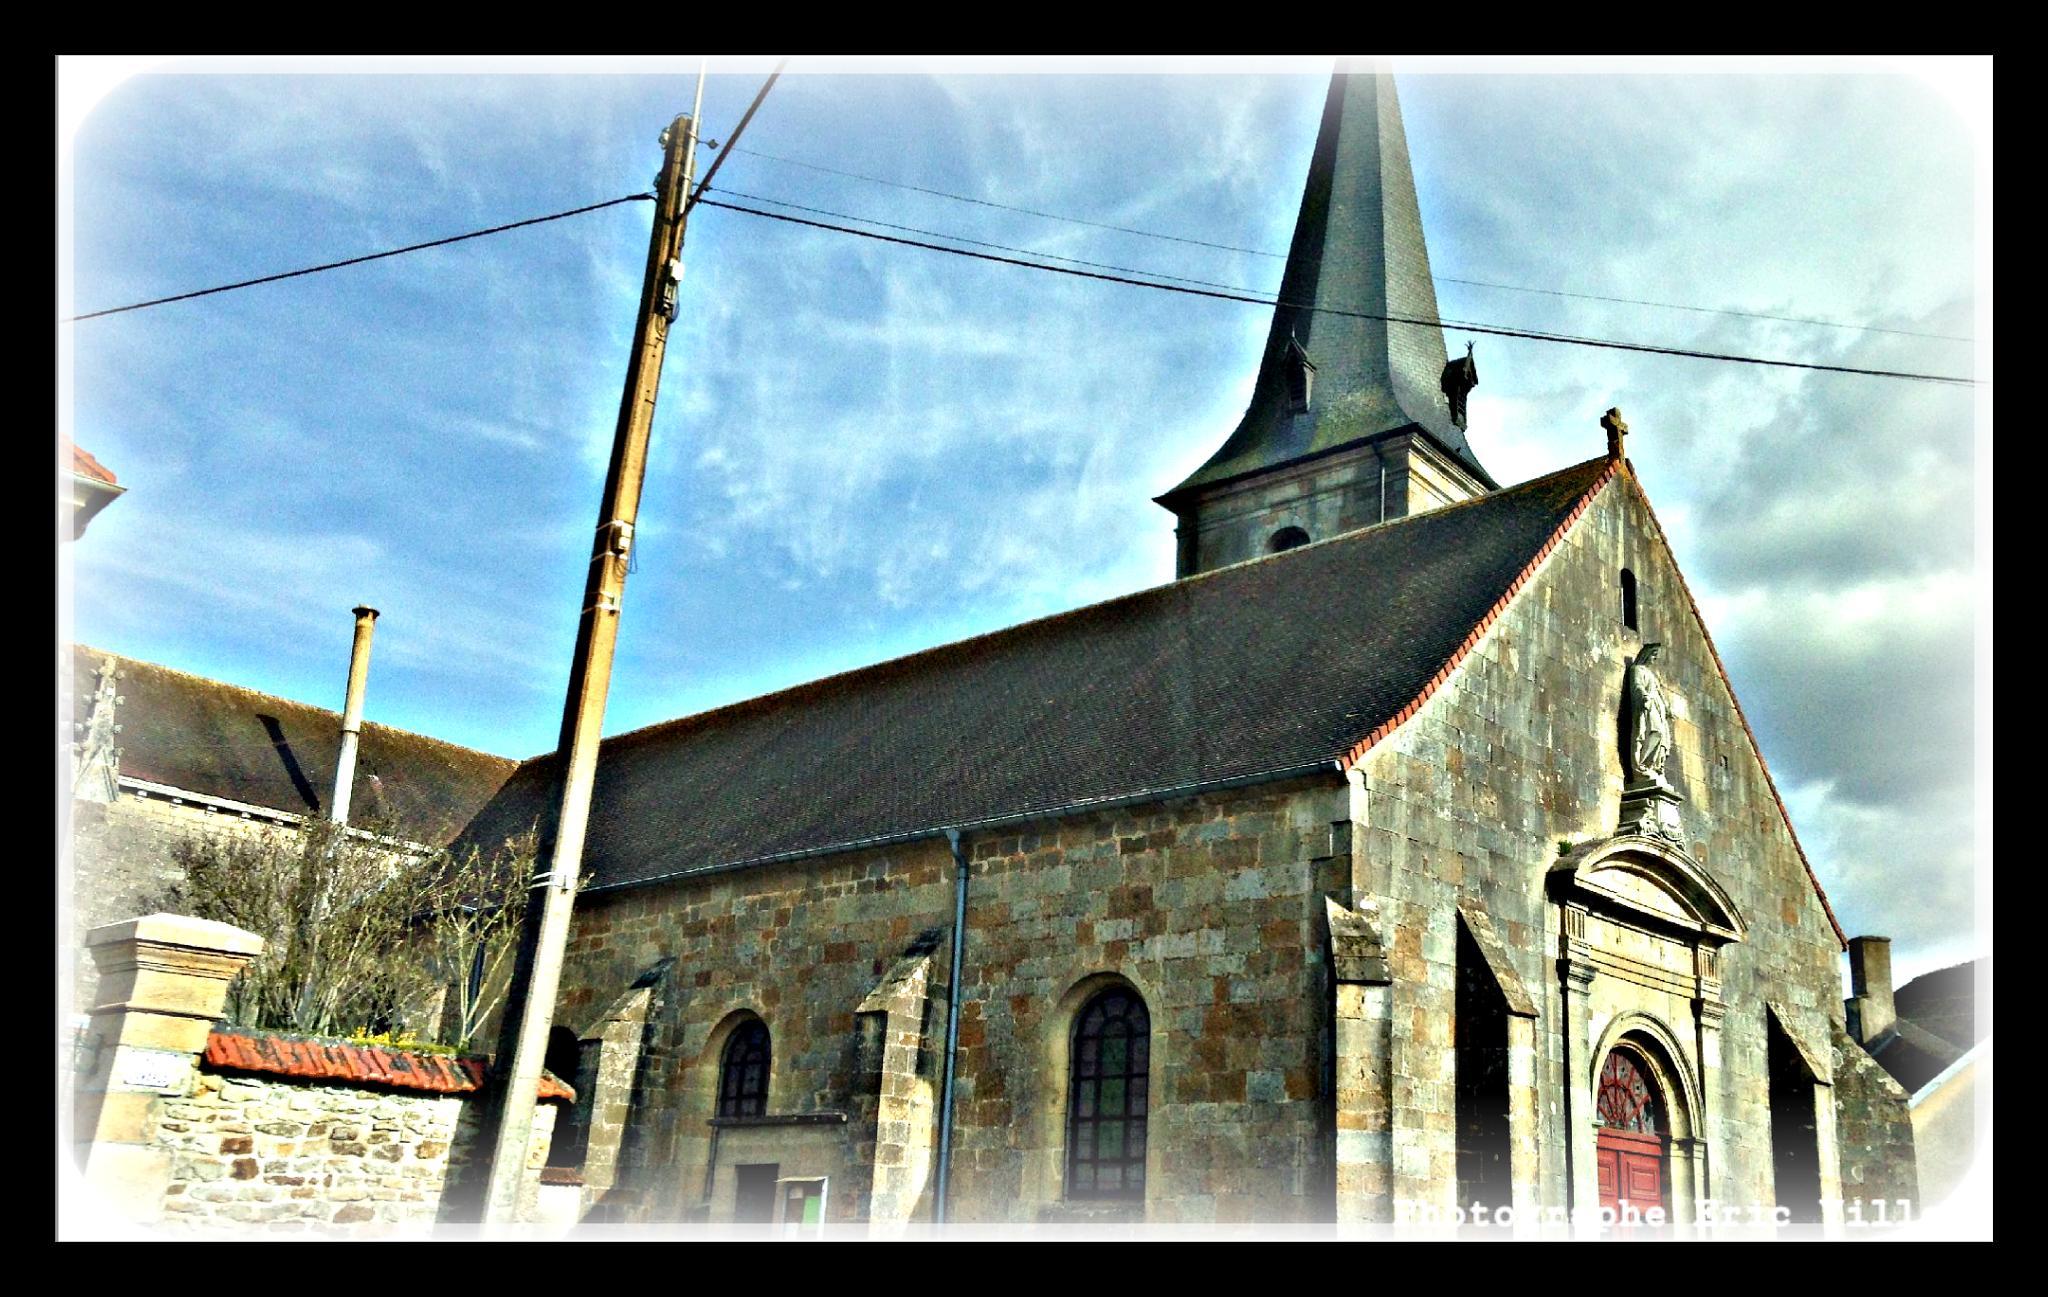 église St Gengoulf  de Chalindrey .....Haute Marne by ςɑʀɨиє єт єʀɨς ɑʀтɨsтєs ρɦღтღɢʀɑρɦєs